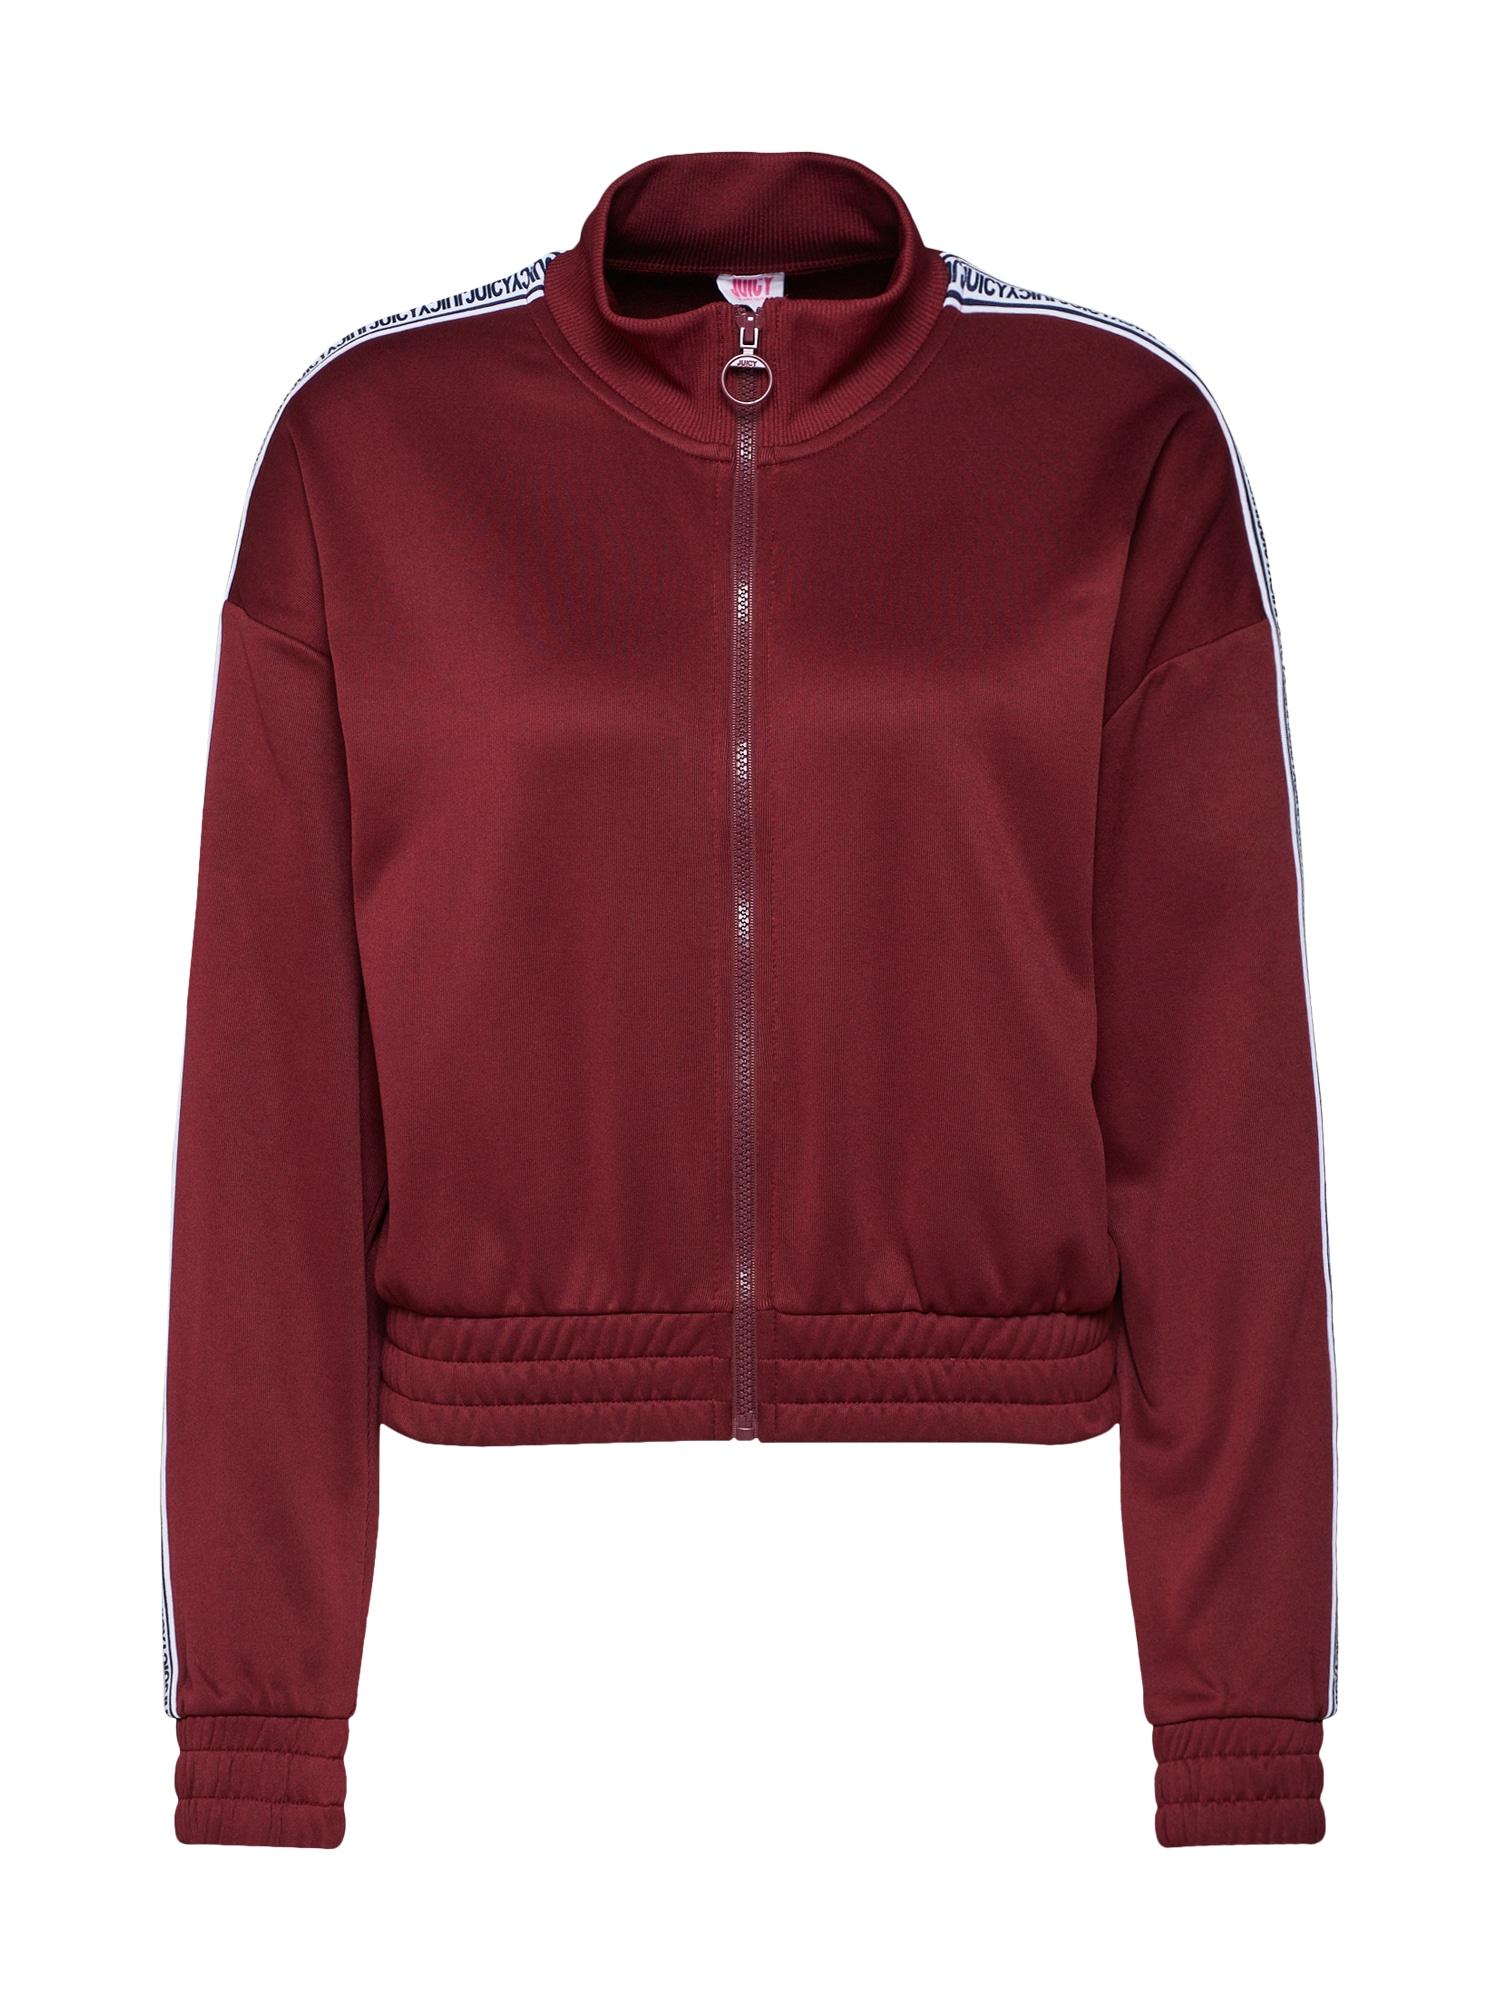 Mikina s kapucí tmavě červená Juicy By Juicy Couture